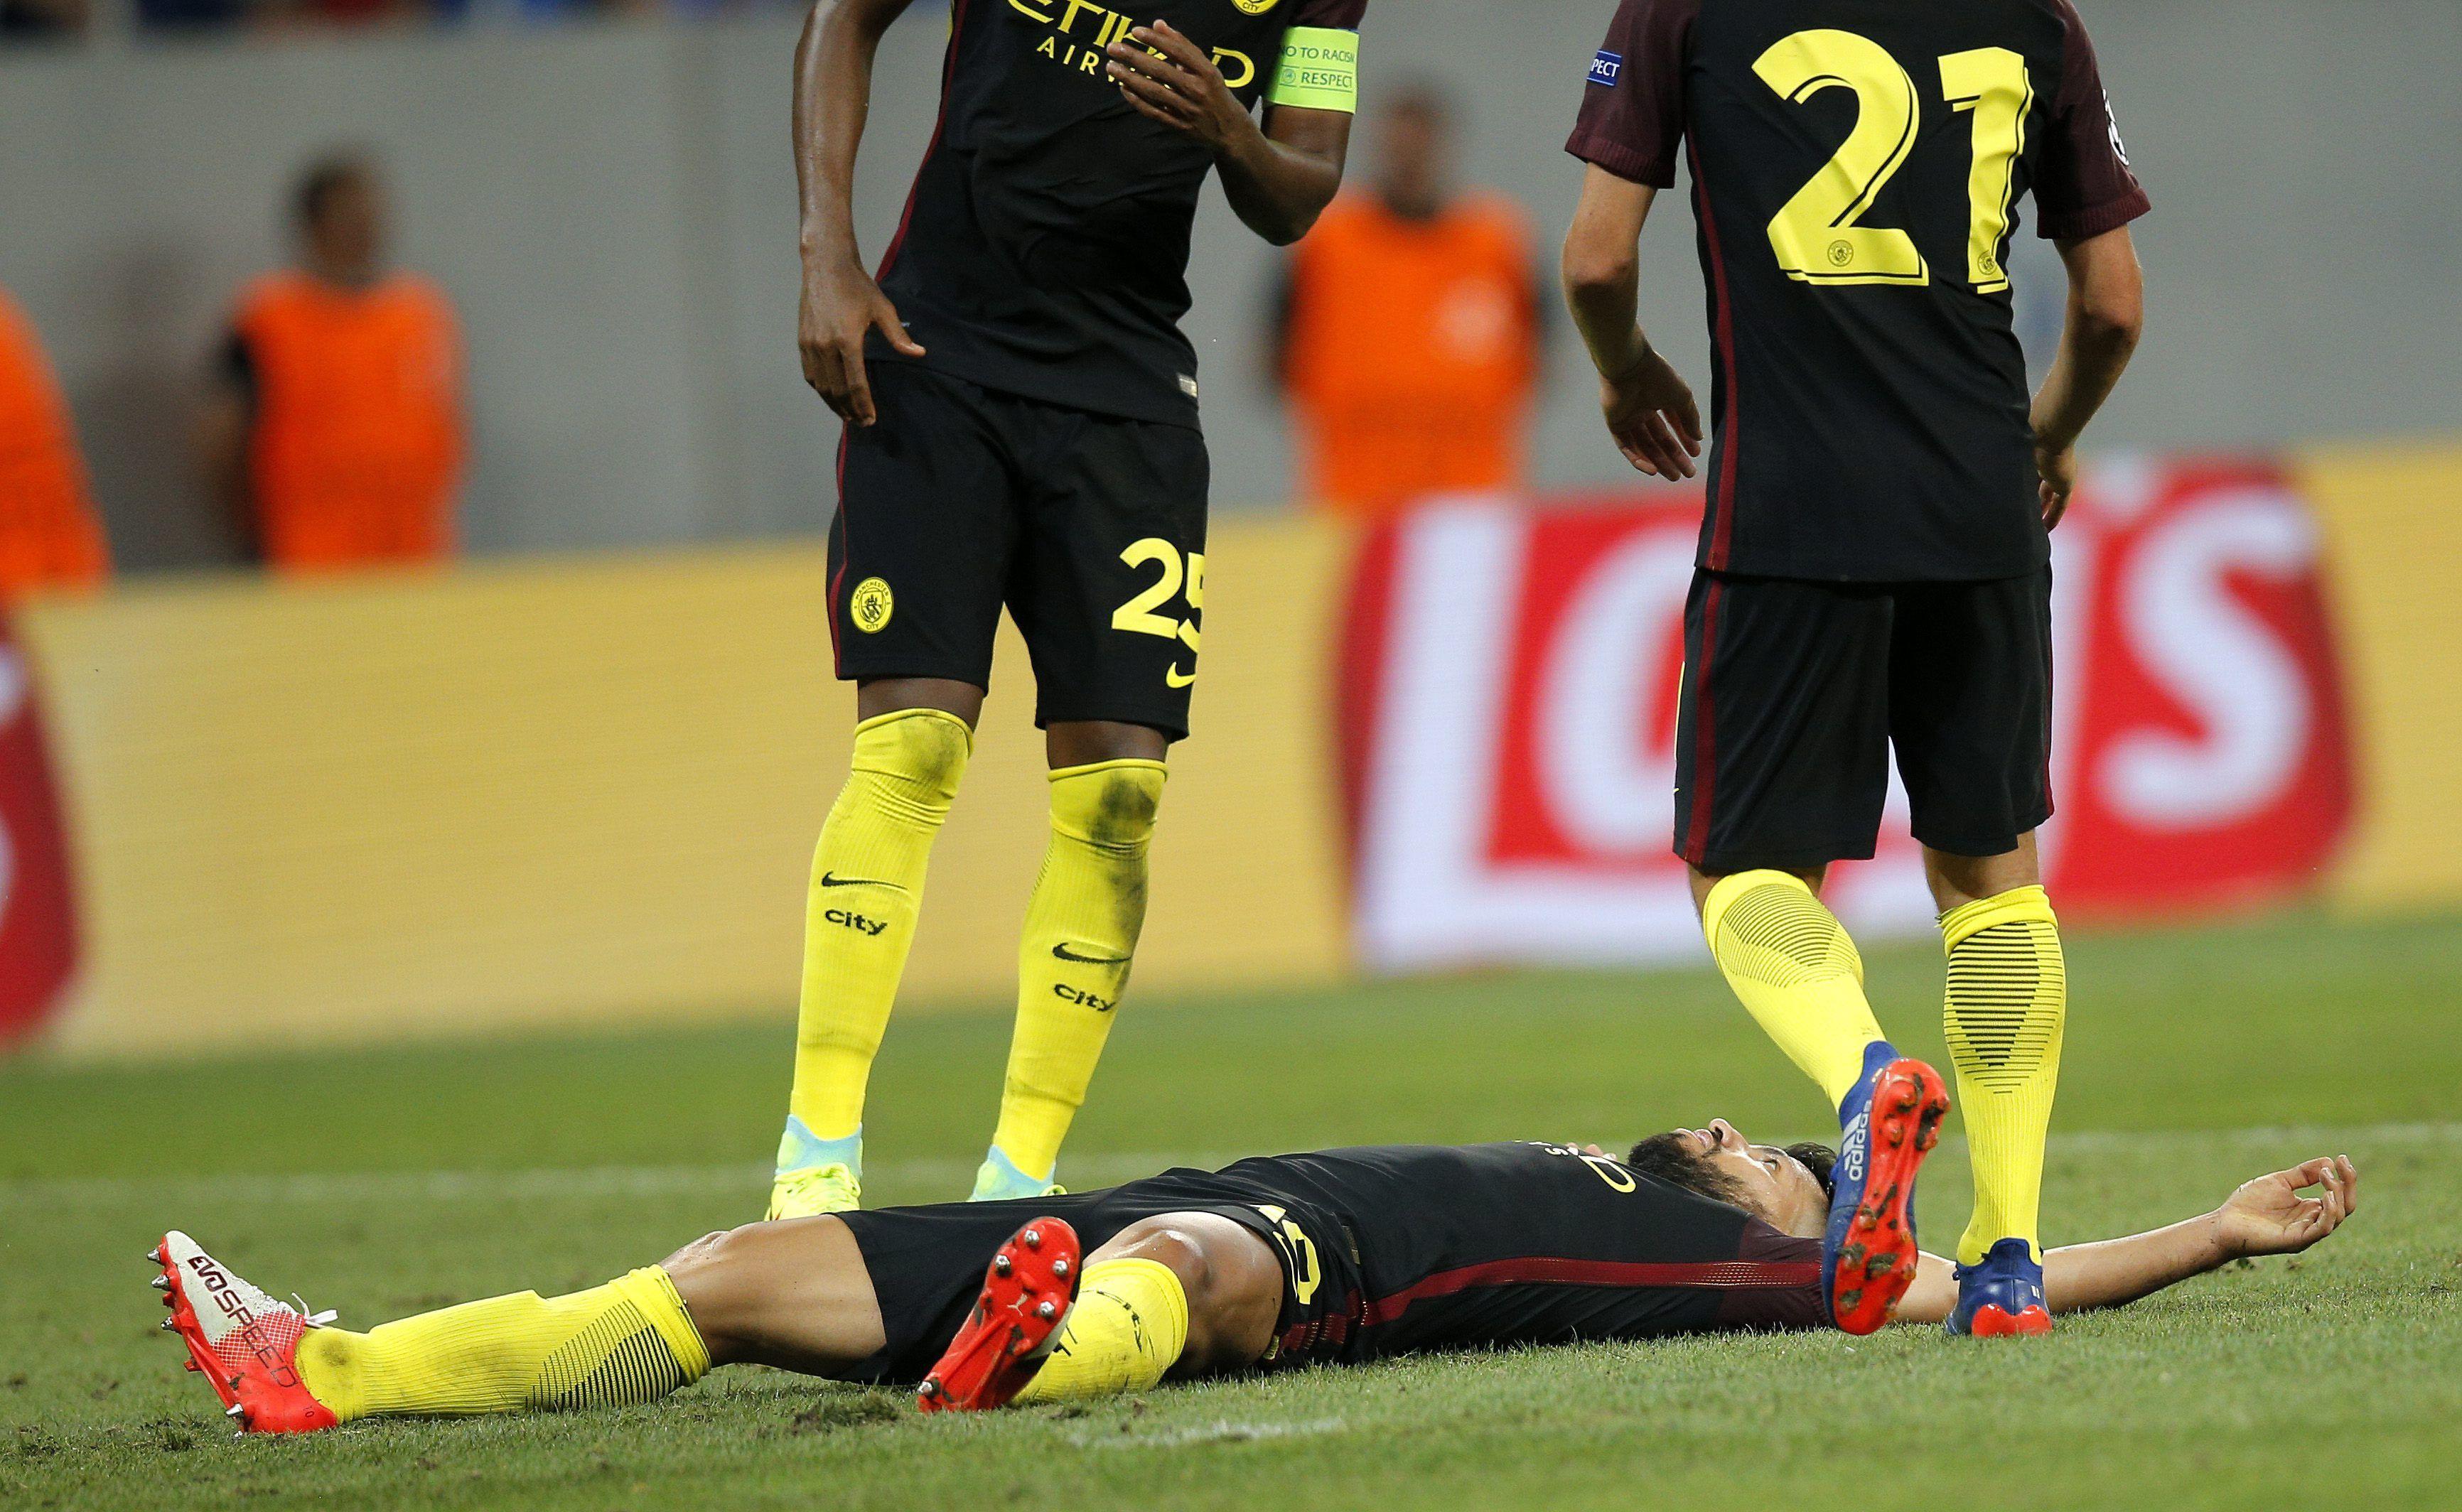 El primer ausente en la era Bauza: Kun Agüero no viajó para jugar con la Selección argentina por una lesión